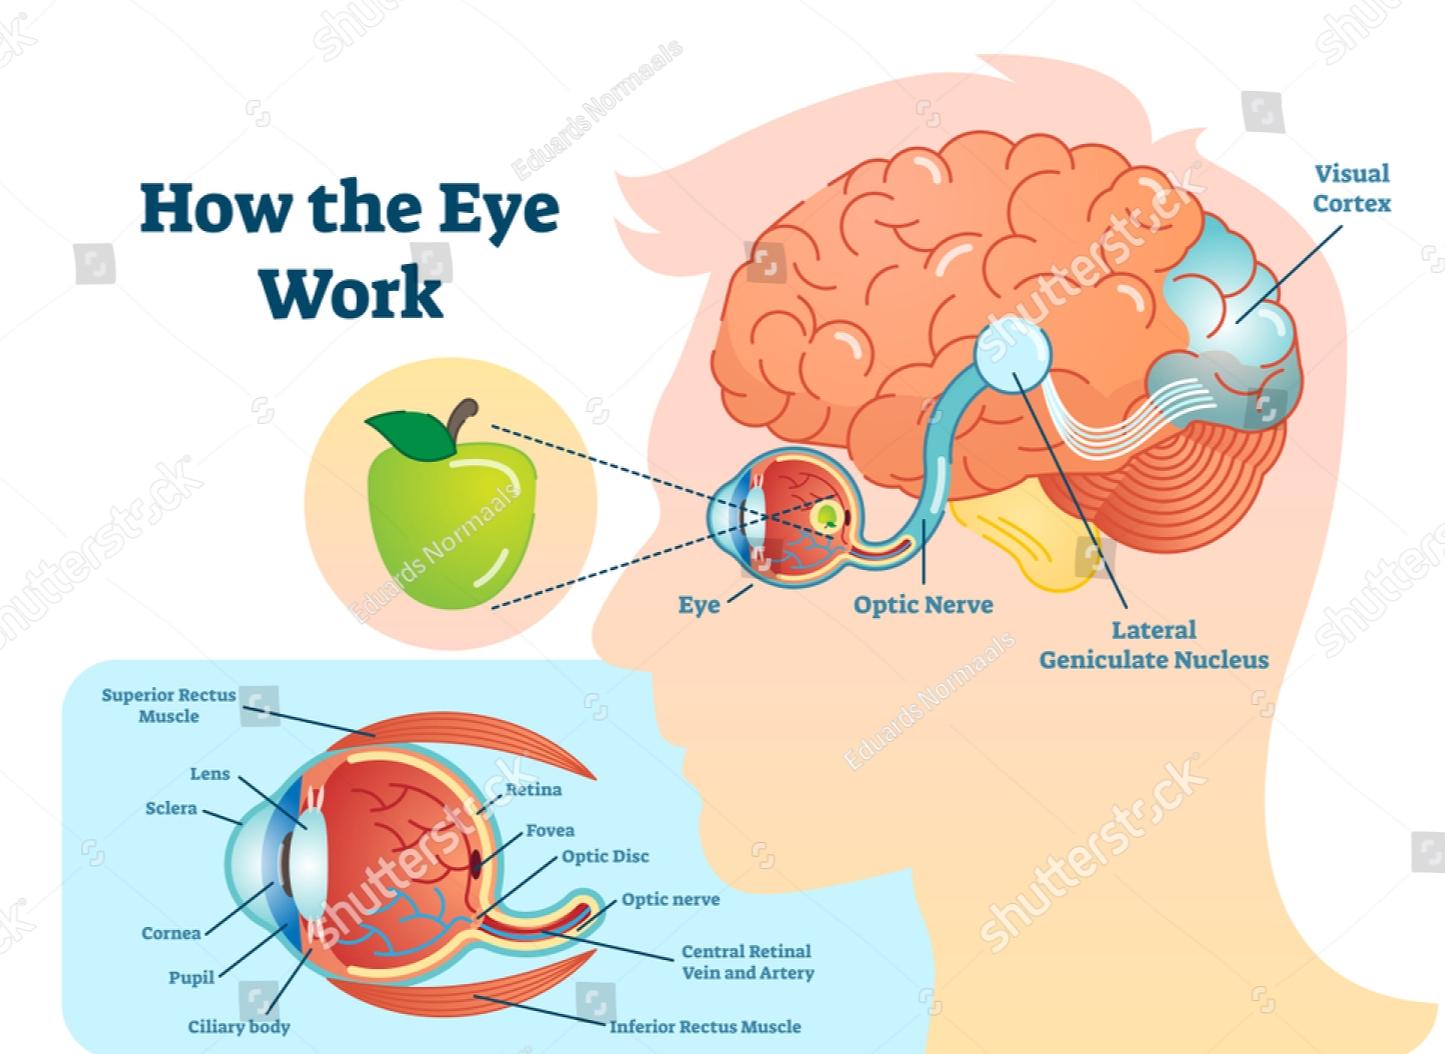 Working of eye